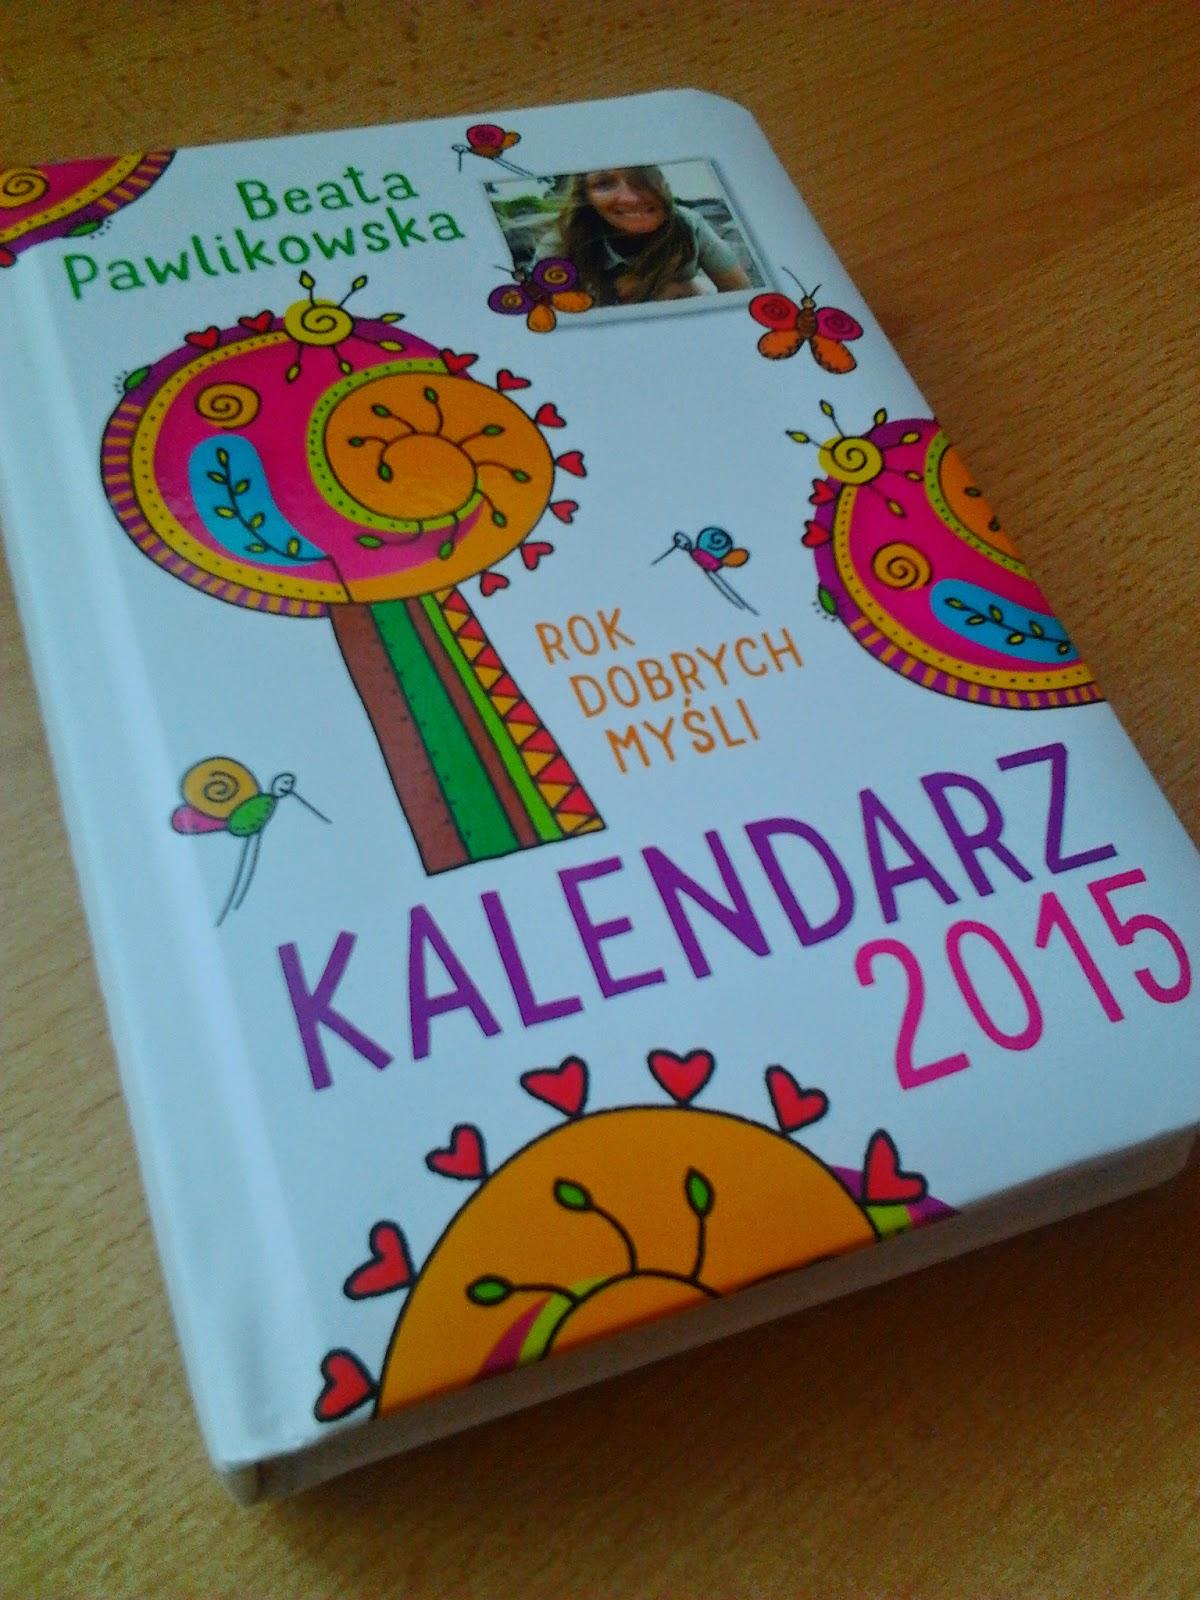 http://zaczytanawksiazkach.blogspot.com/2014/10/beata-pawlikowska-rok-dobrych-mysli.html